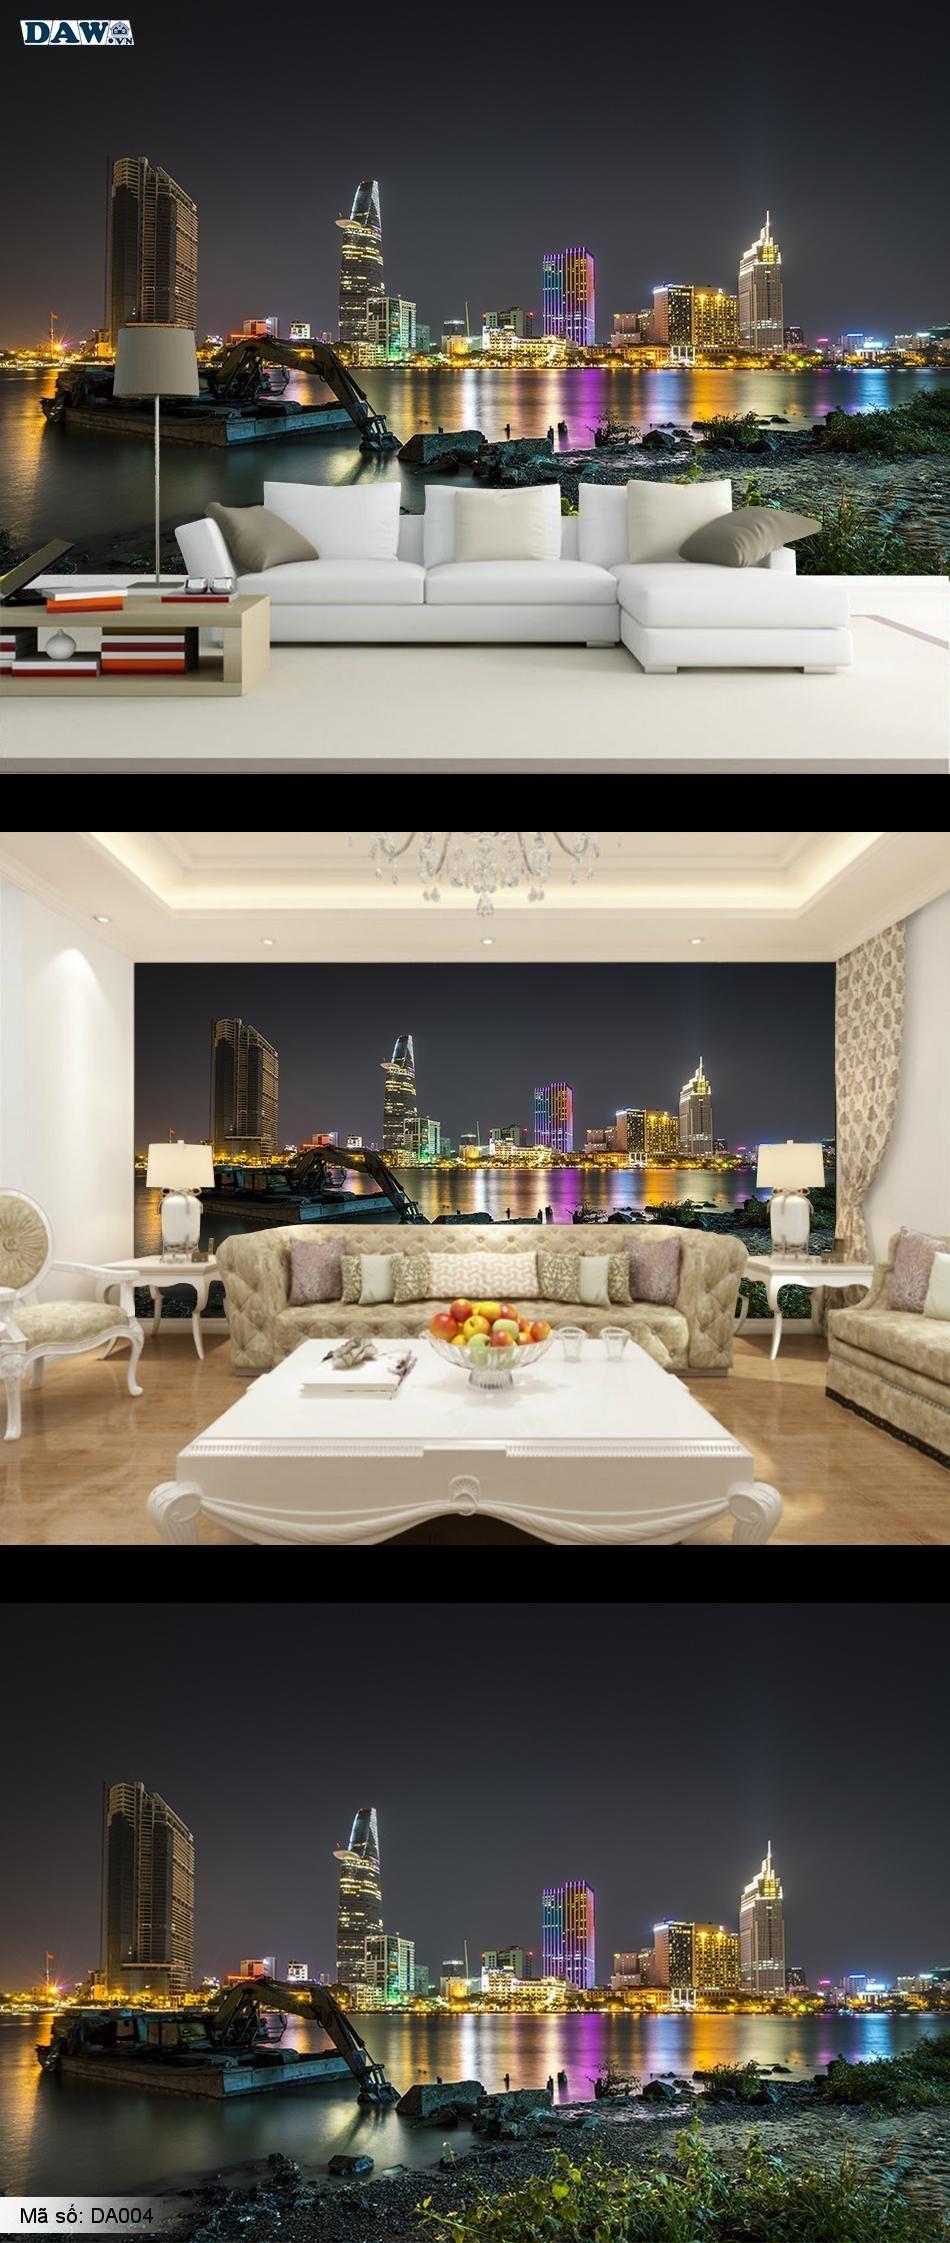 Tranh dán tường đẹp, tranh dán tường thành phố, thành phố Hồ Chí Minh, Đêm thành phố, thành phố bên sông DA004